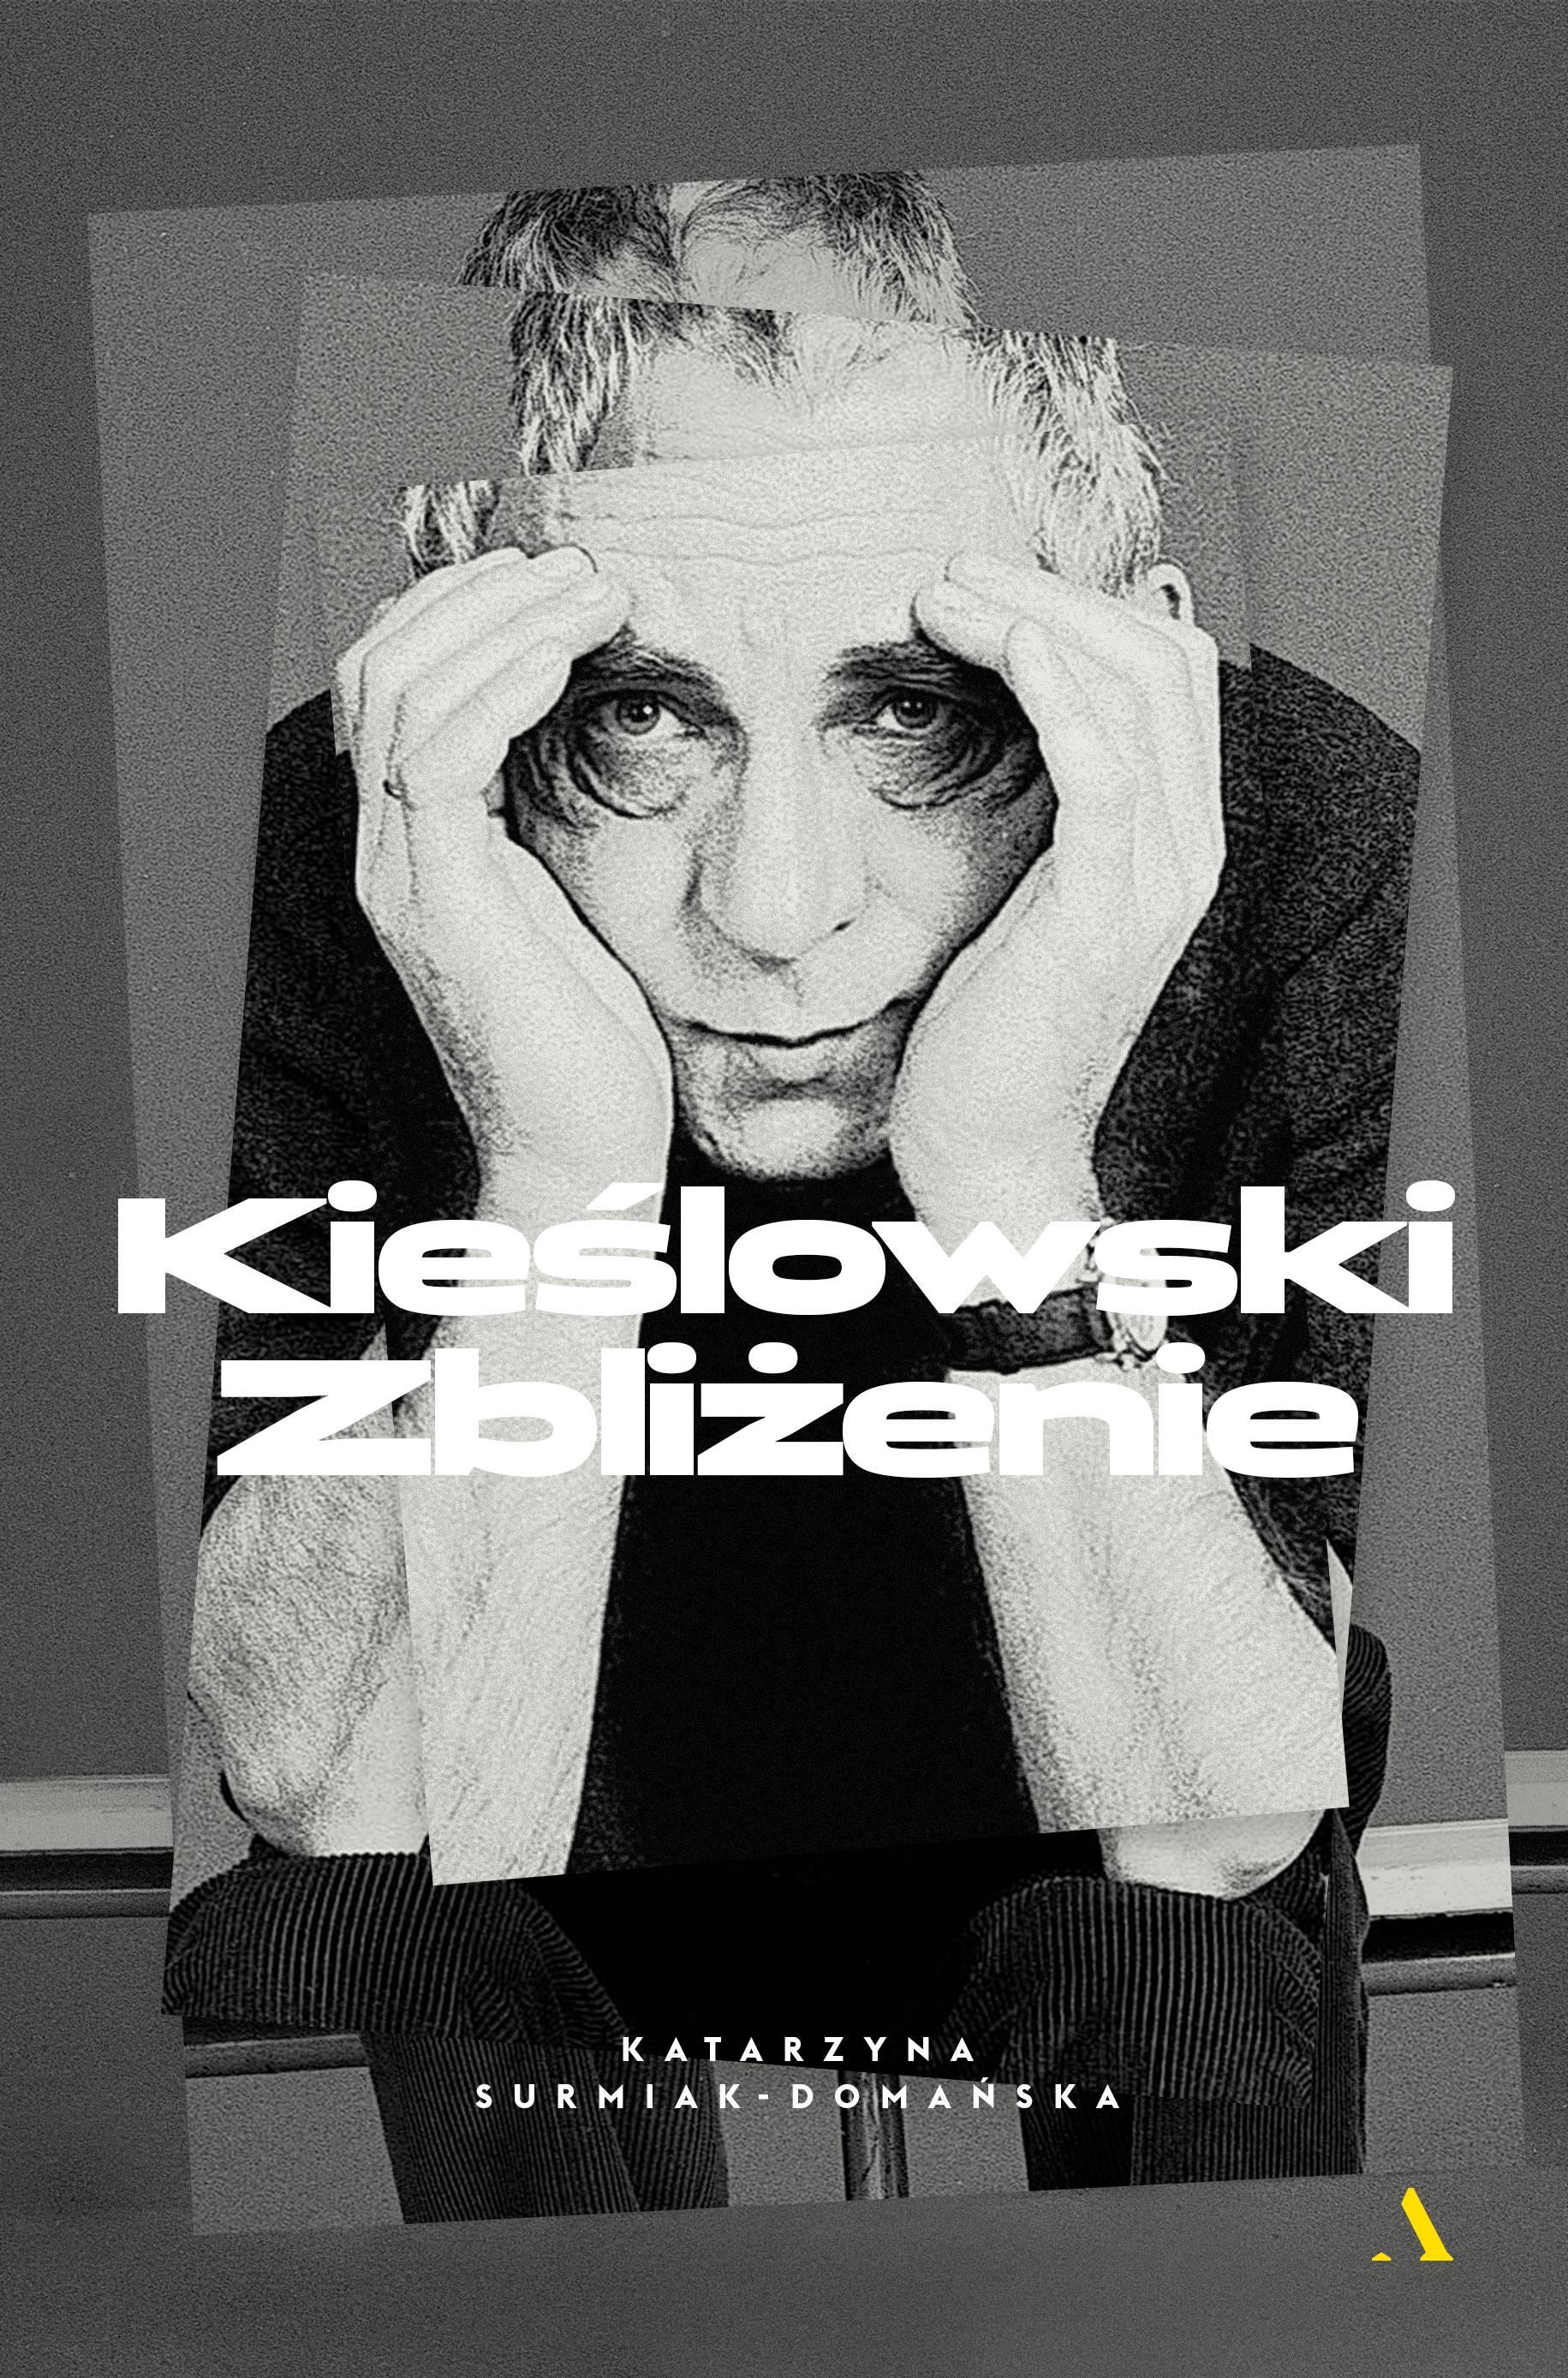 """""""Kieślowski. Zbliżenie"""", Katarzyna Surmiak-Domańska (źródło: materiały prasowe wydawcy)"""